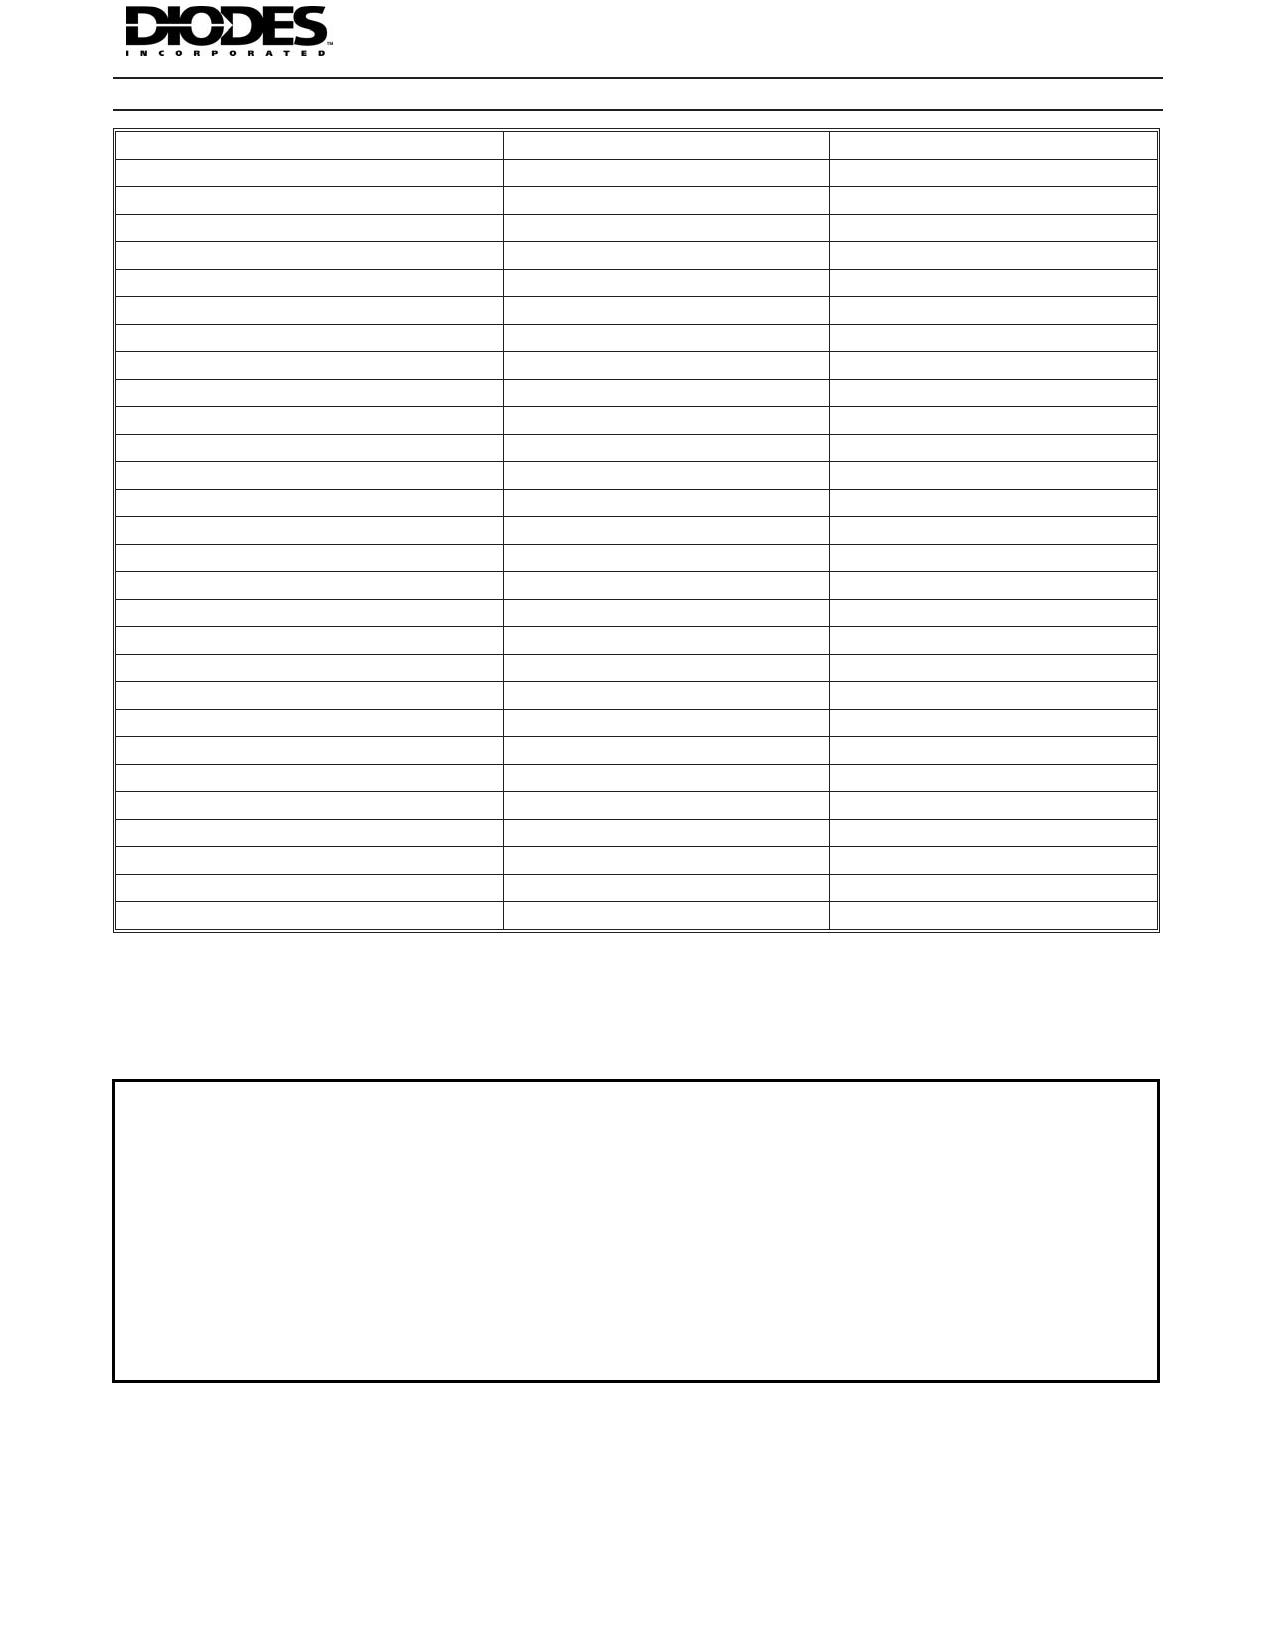 1N4007G pdf, ピン配列